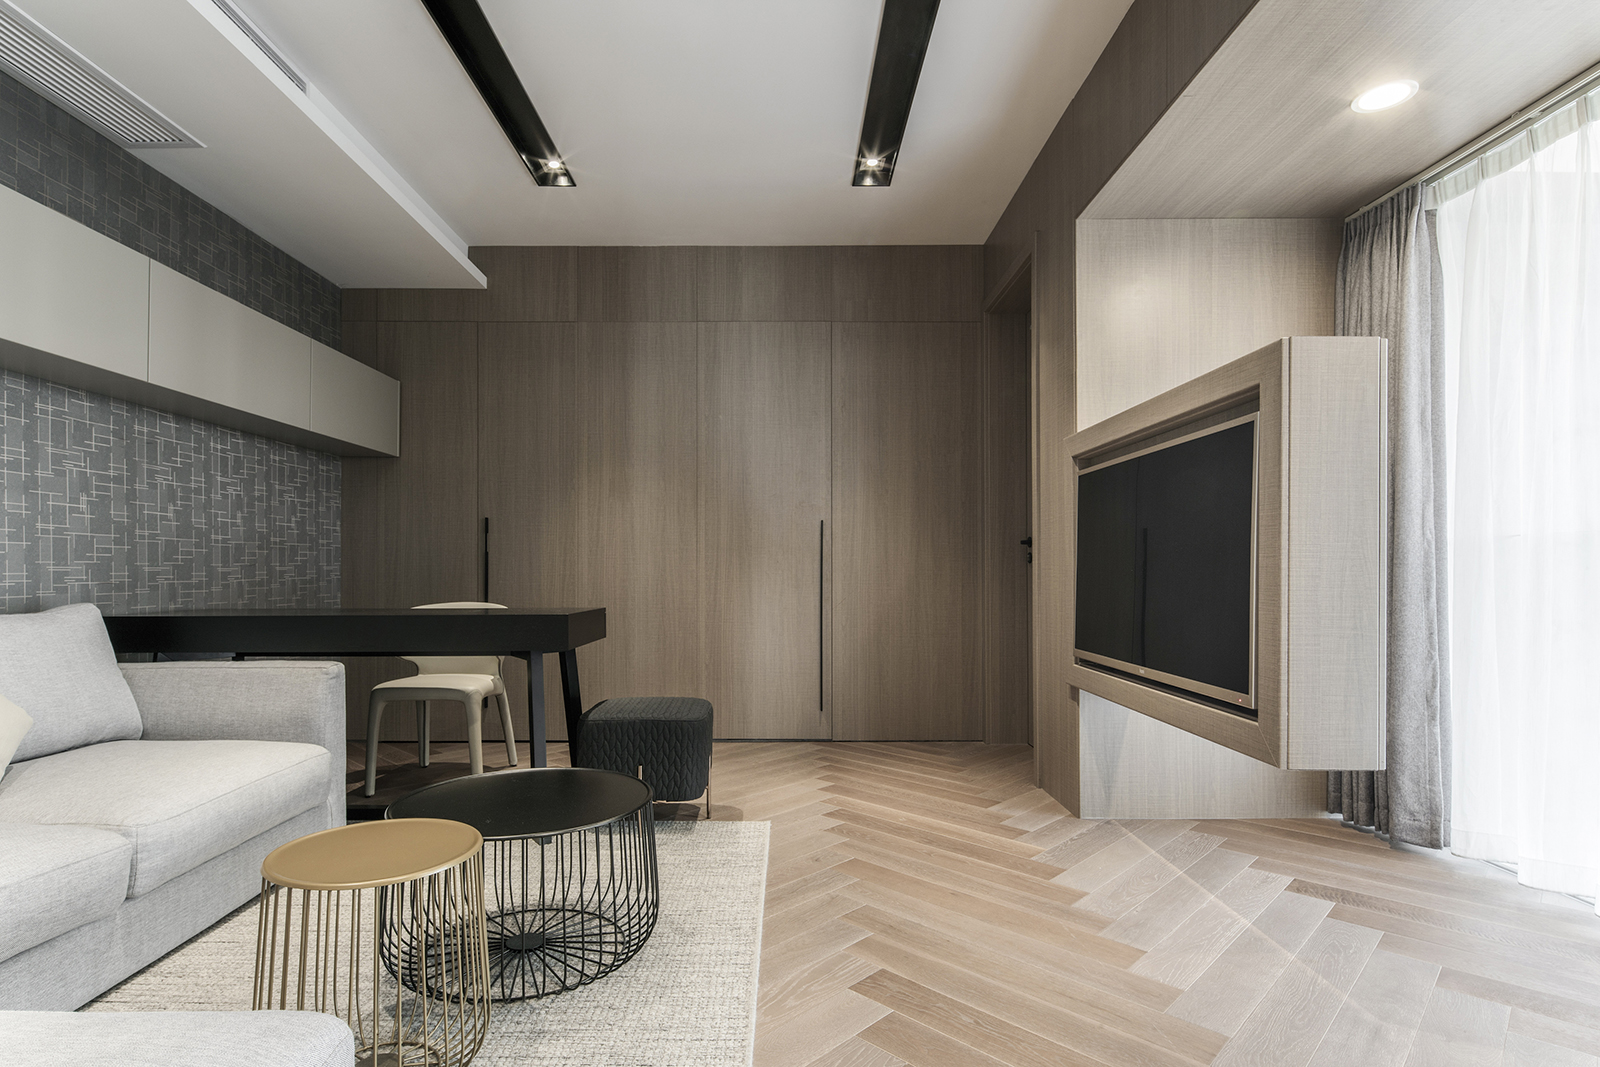 下叠别墅装修二楼客厅效果图